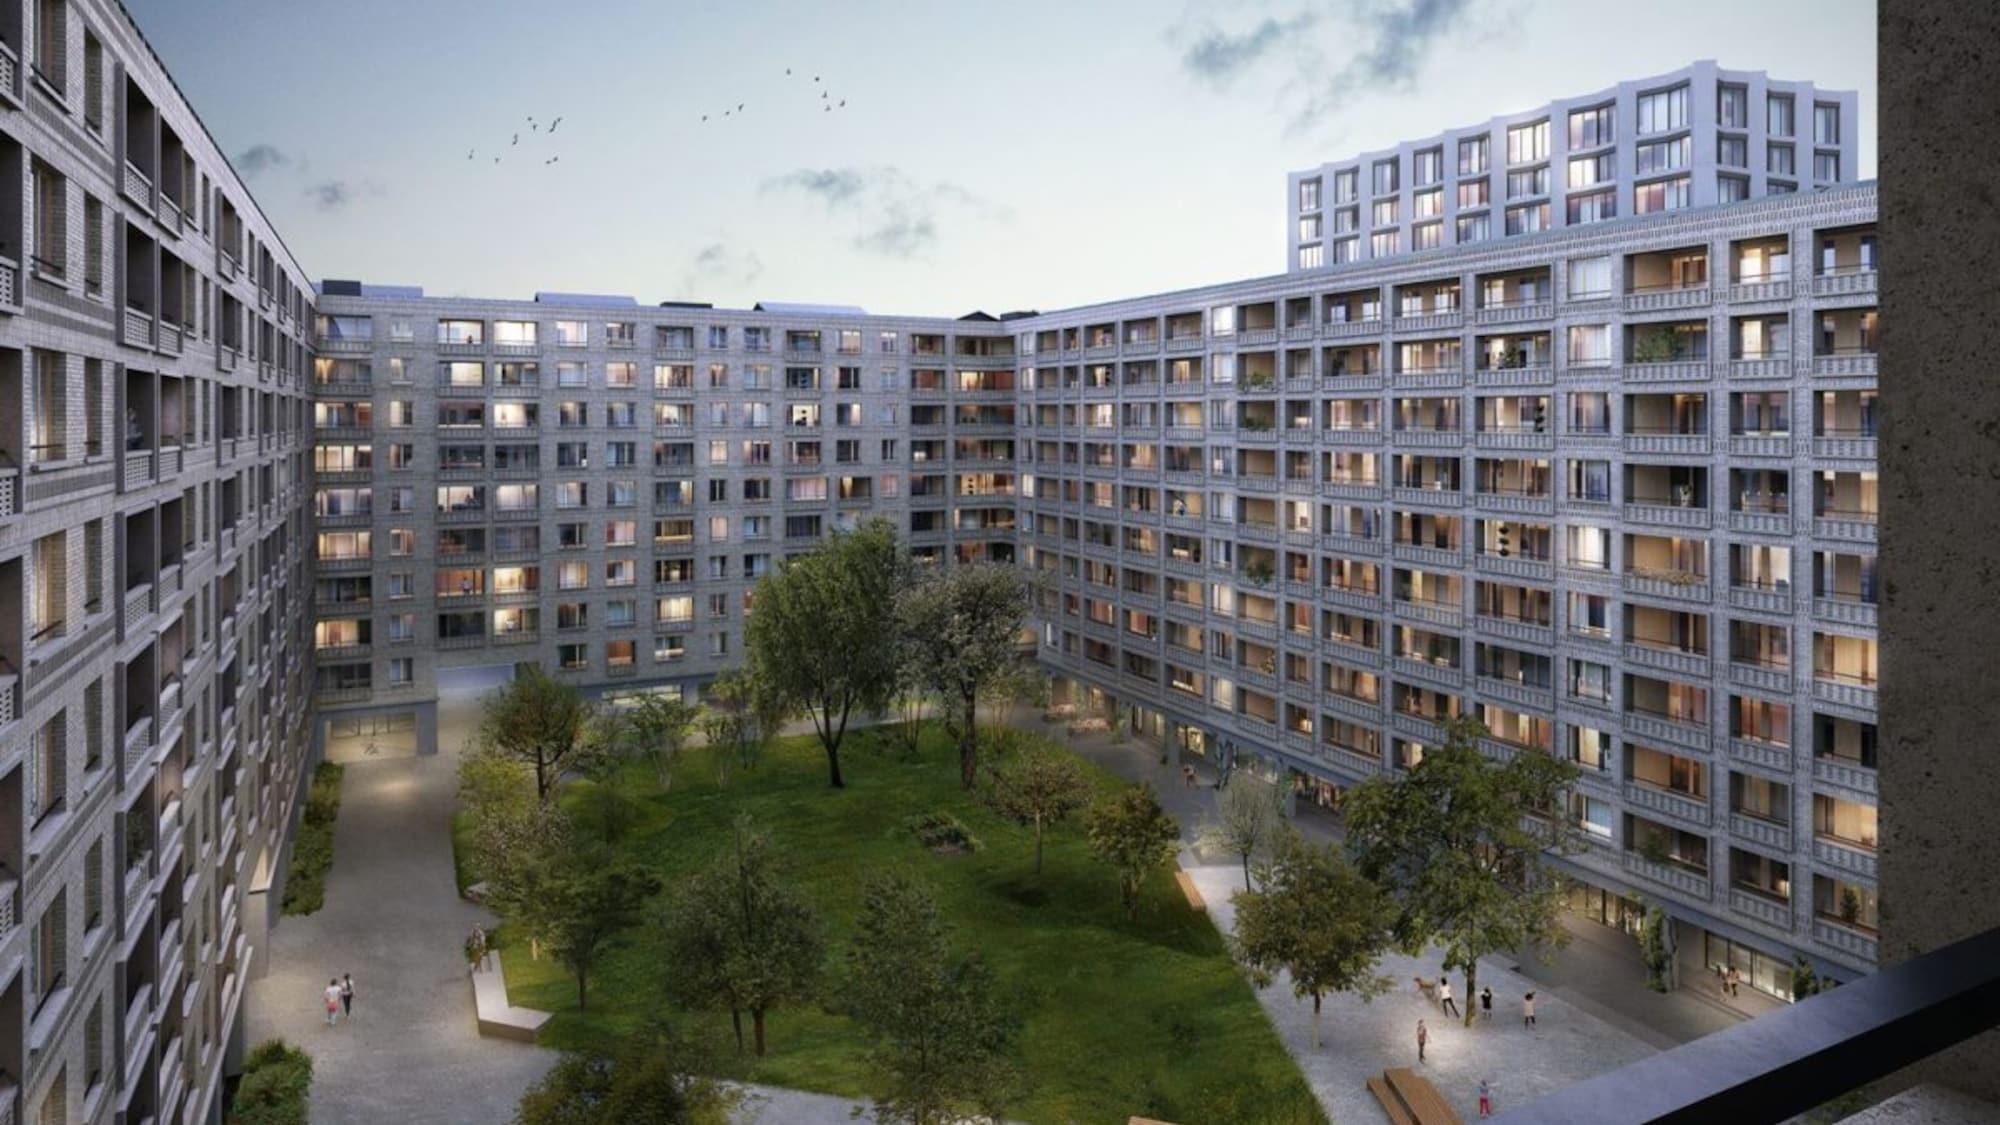 Allein hier entstehen 5000 neue Wohnungen: Die zehn grössten Wohnprojekte der Schweiz